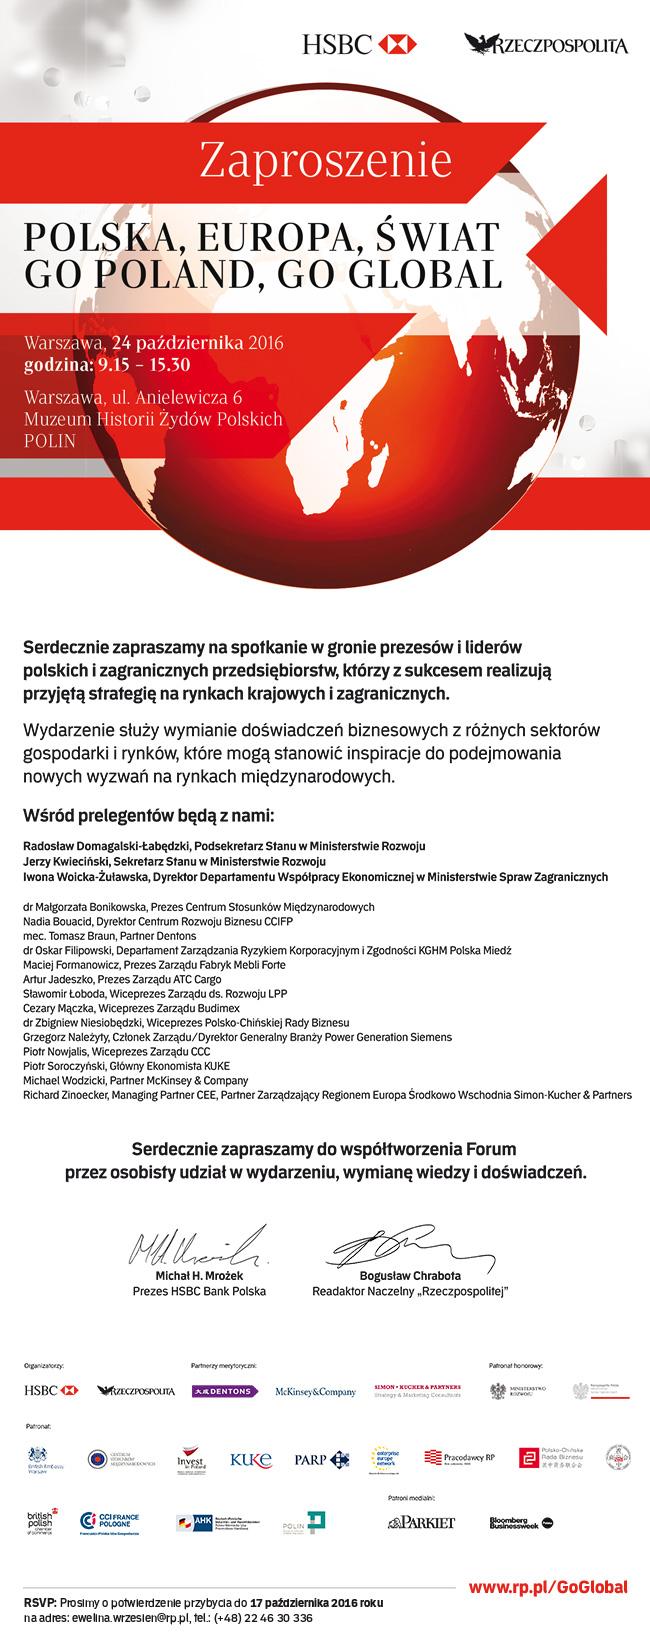 gopoland-go-global zaproszenie